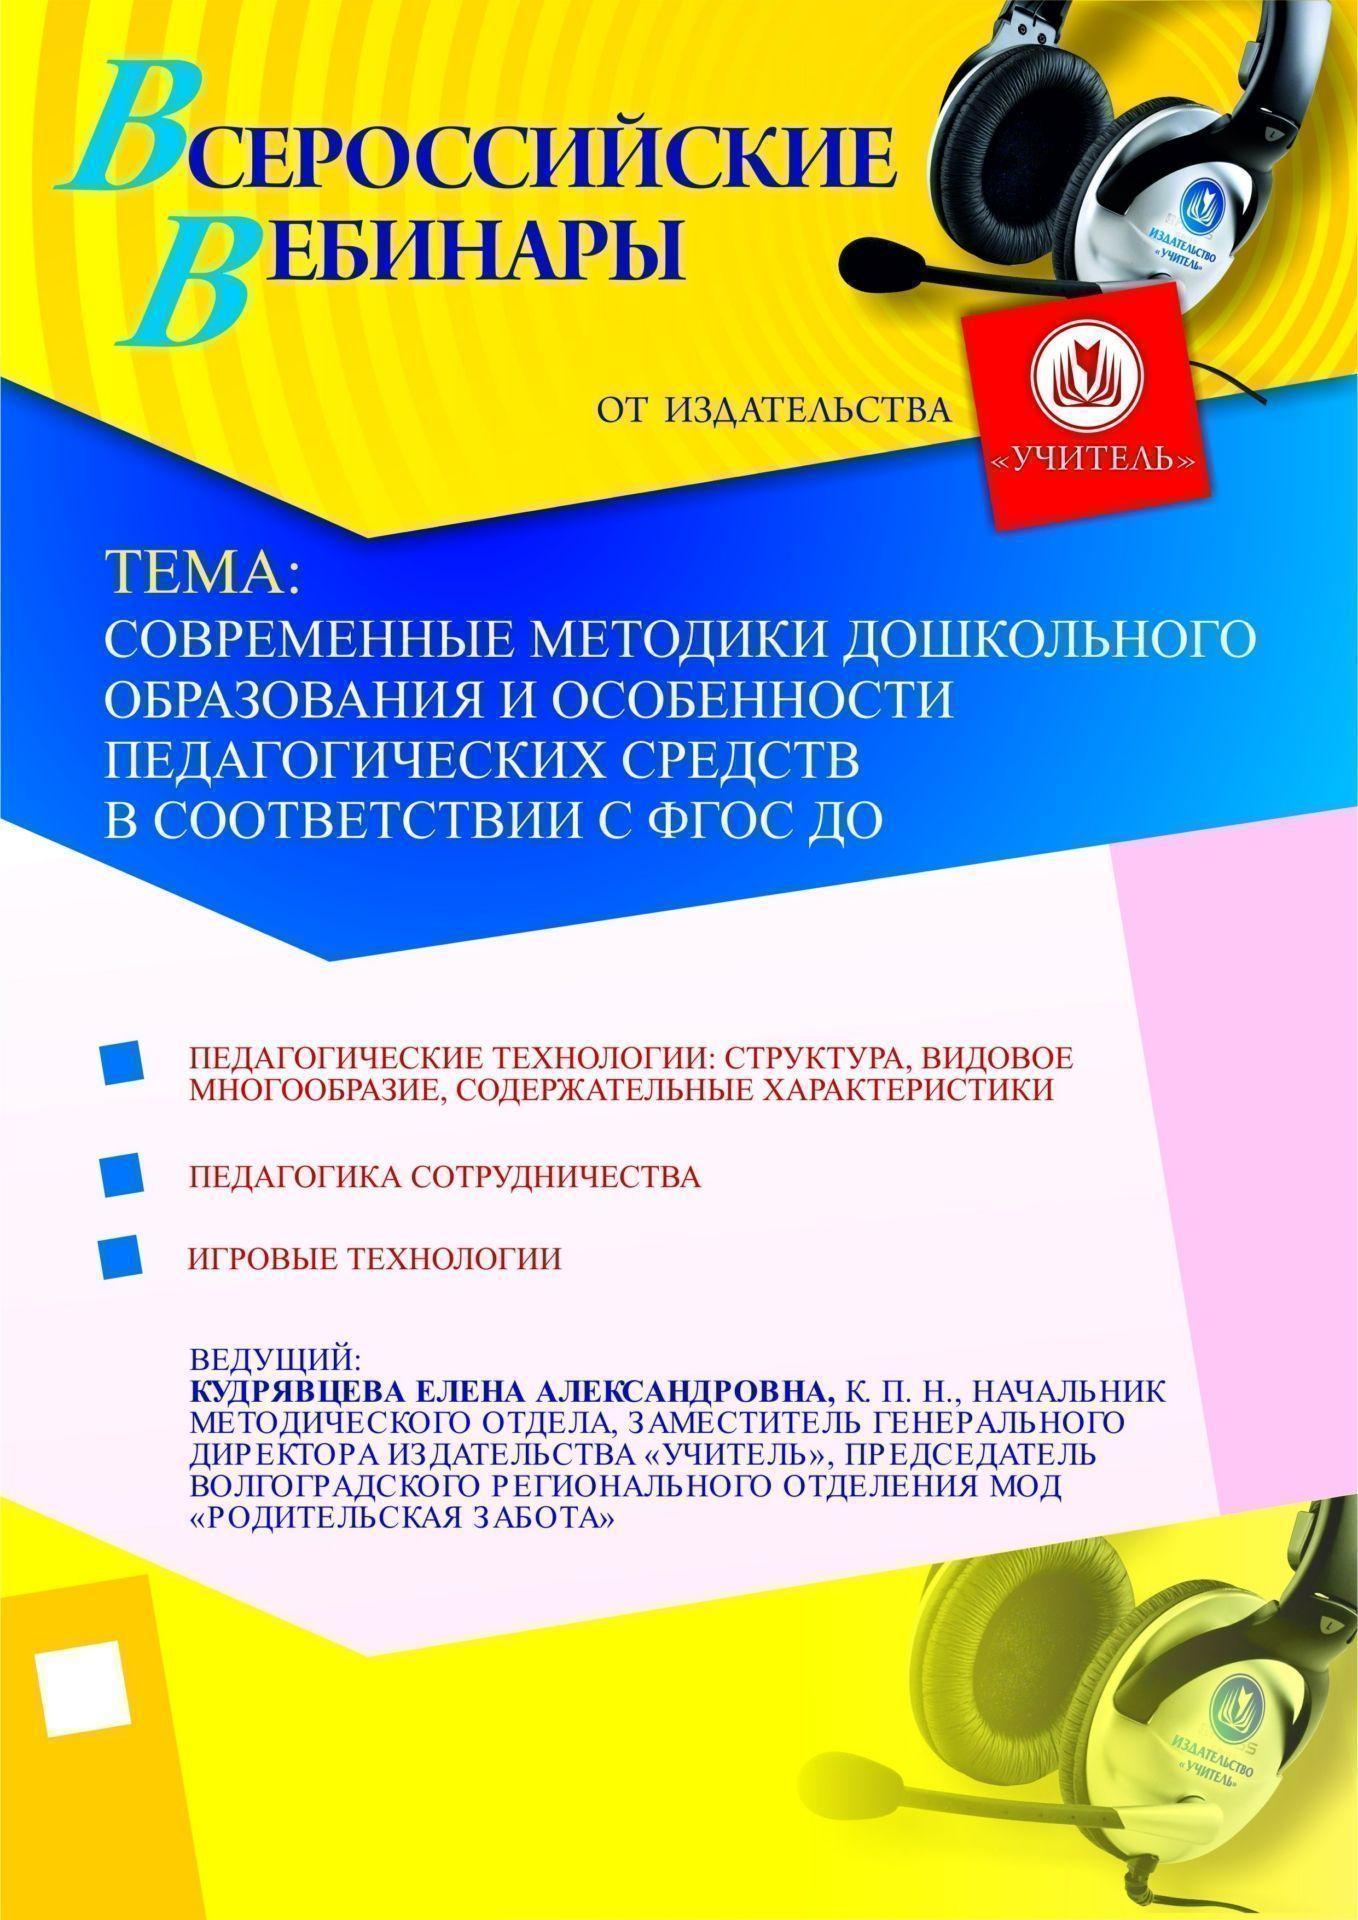 Современные методики дошкольного образования и особенности педагогических средств в соответствии с ФГОС ДО фото